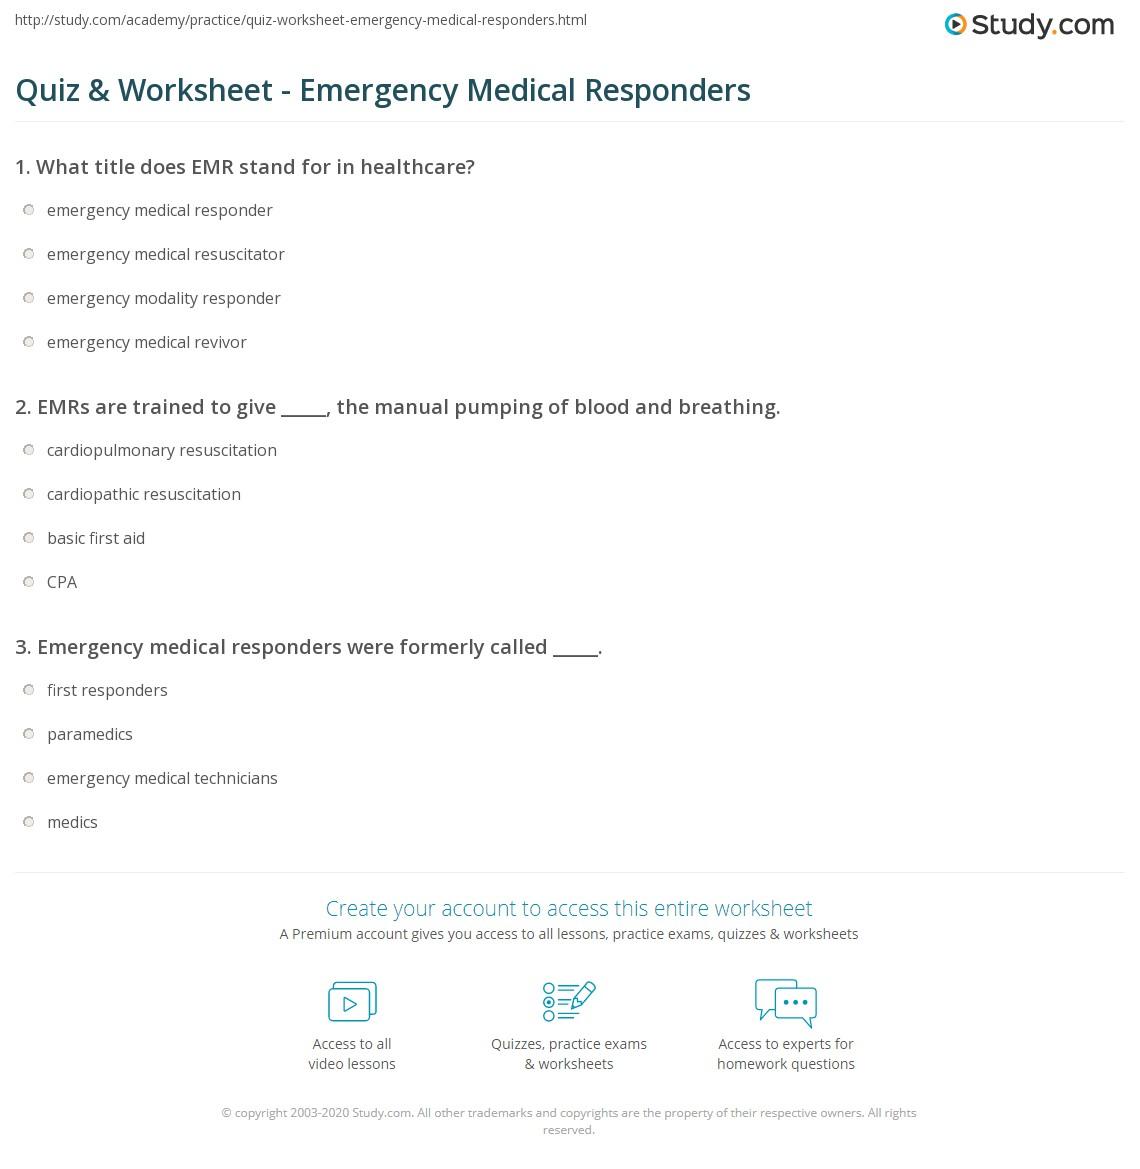 Quiz Worksheet Emergency Medical Responders – Mini Mental Status Exam Worksheet